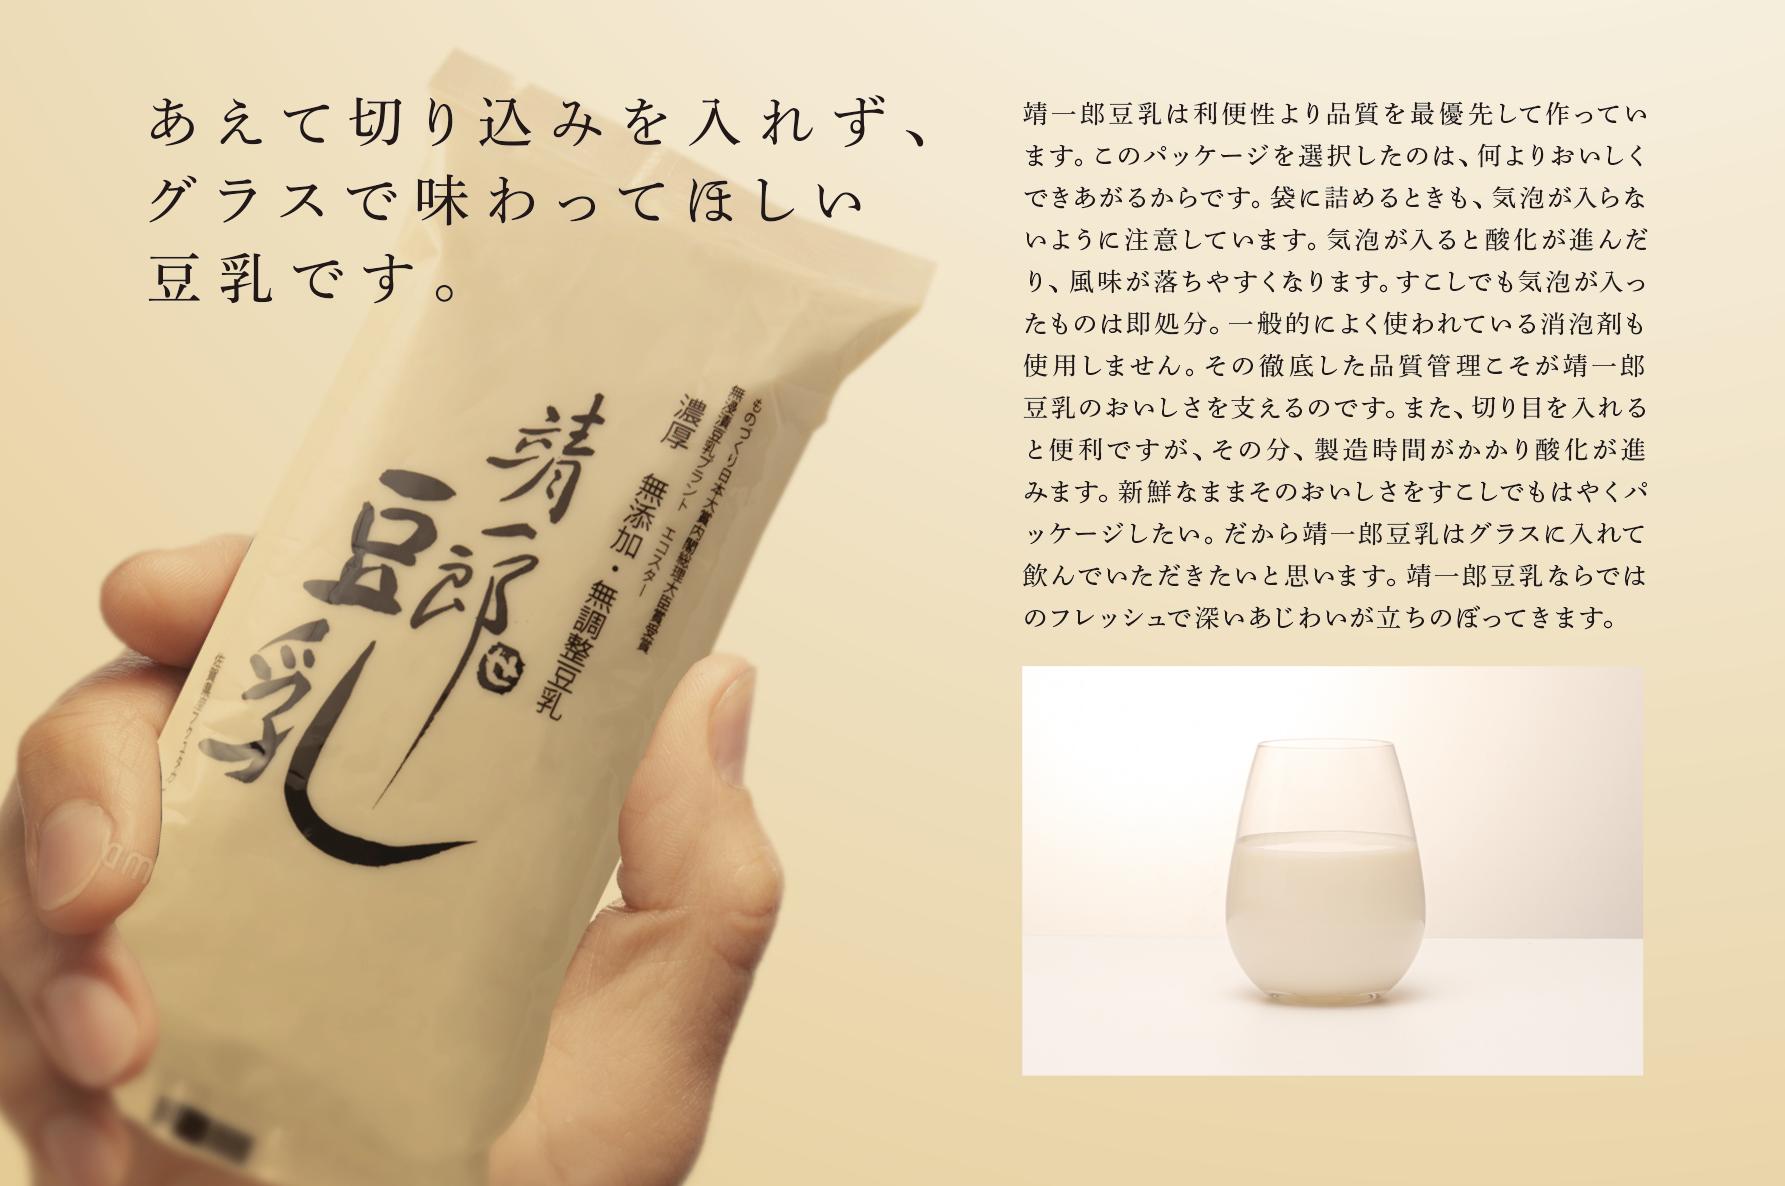 あえて切り込みを入れず、グラスで味わってほしい豆乳です。靖一郎豆乳は利便性より品質を最優先して作っています。このパッケージを選択したのは、何よりおいしくできあがるからです。袋に詰めるときも、なにより気泡が入らないように注意しています。気泡が入ると酸化は進むからです。すこしでも気泡が入ったものは即処分。消泡剤も使用しません。その徹底した品質管理こそが靖一郎豆乳のおいしさを支えるのです。また、切り目を入れると便利ですが、その分、製造時間がかかり酸化が進みます。新鮮なままそのおいしさをすこしでもはやくパッケージしたい。だから靖一郎豆乳はグラスに入れて飲んでいただきたいと思います。靖一郎豆乳ならではのフレッシュで深いあじわりが立ちのぼってきます。